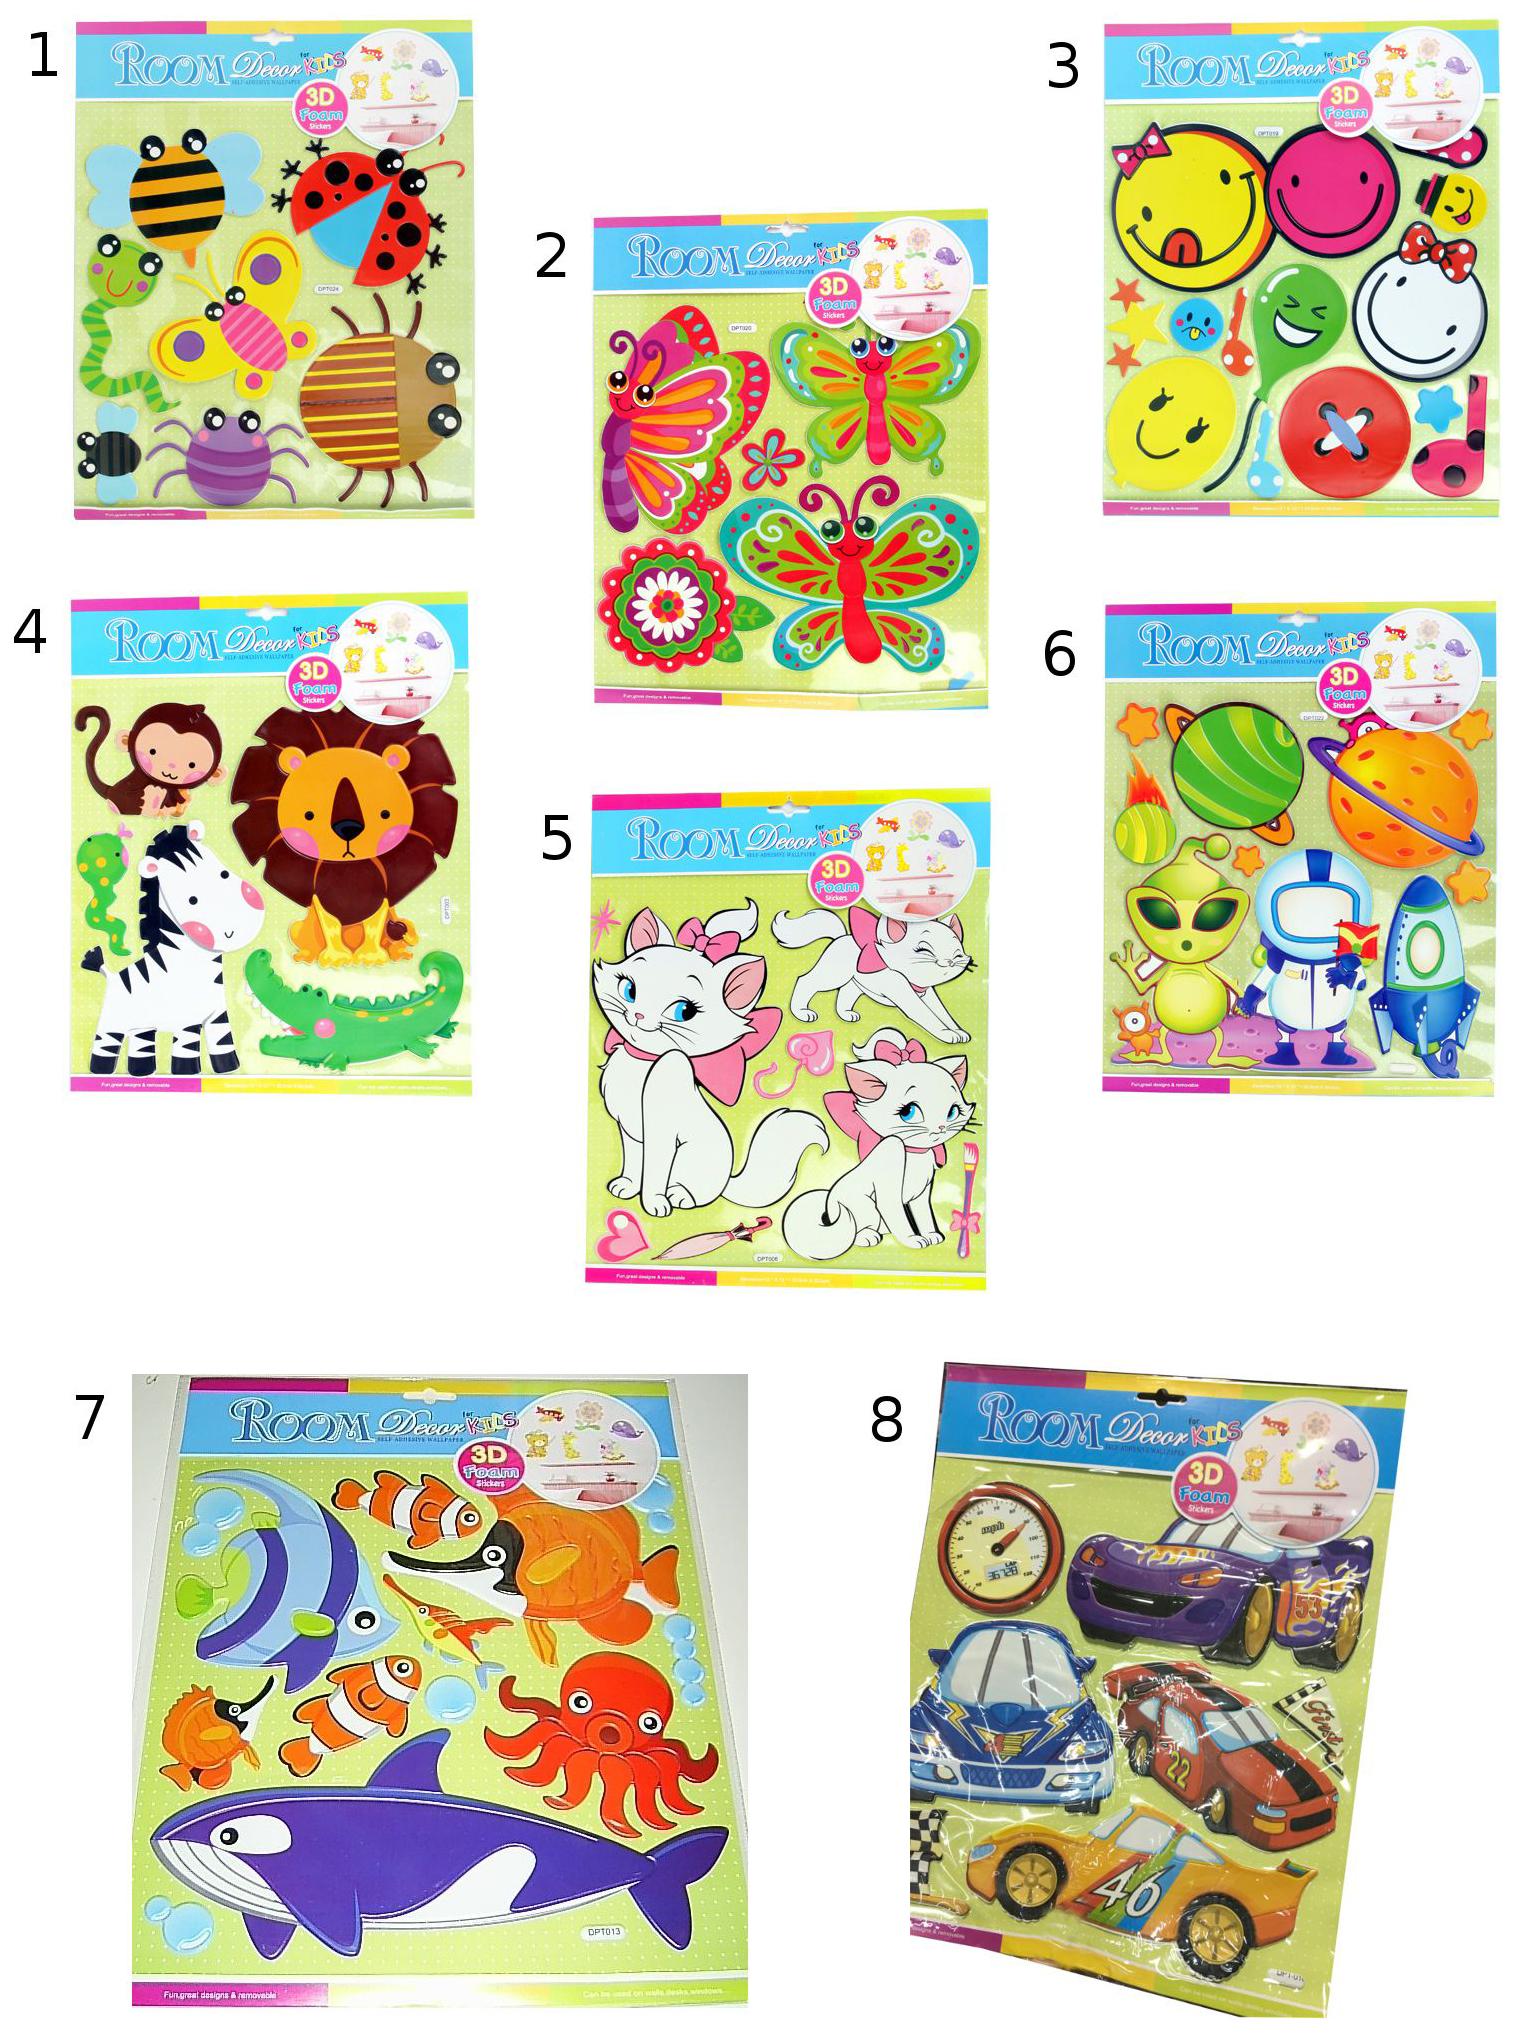 Наклейка декоративная для детской комнаты Room Decor